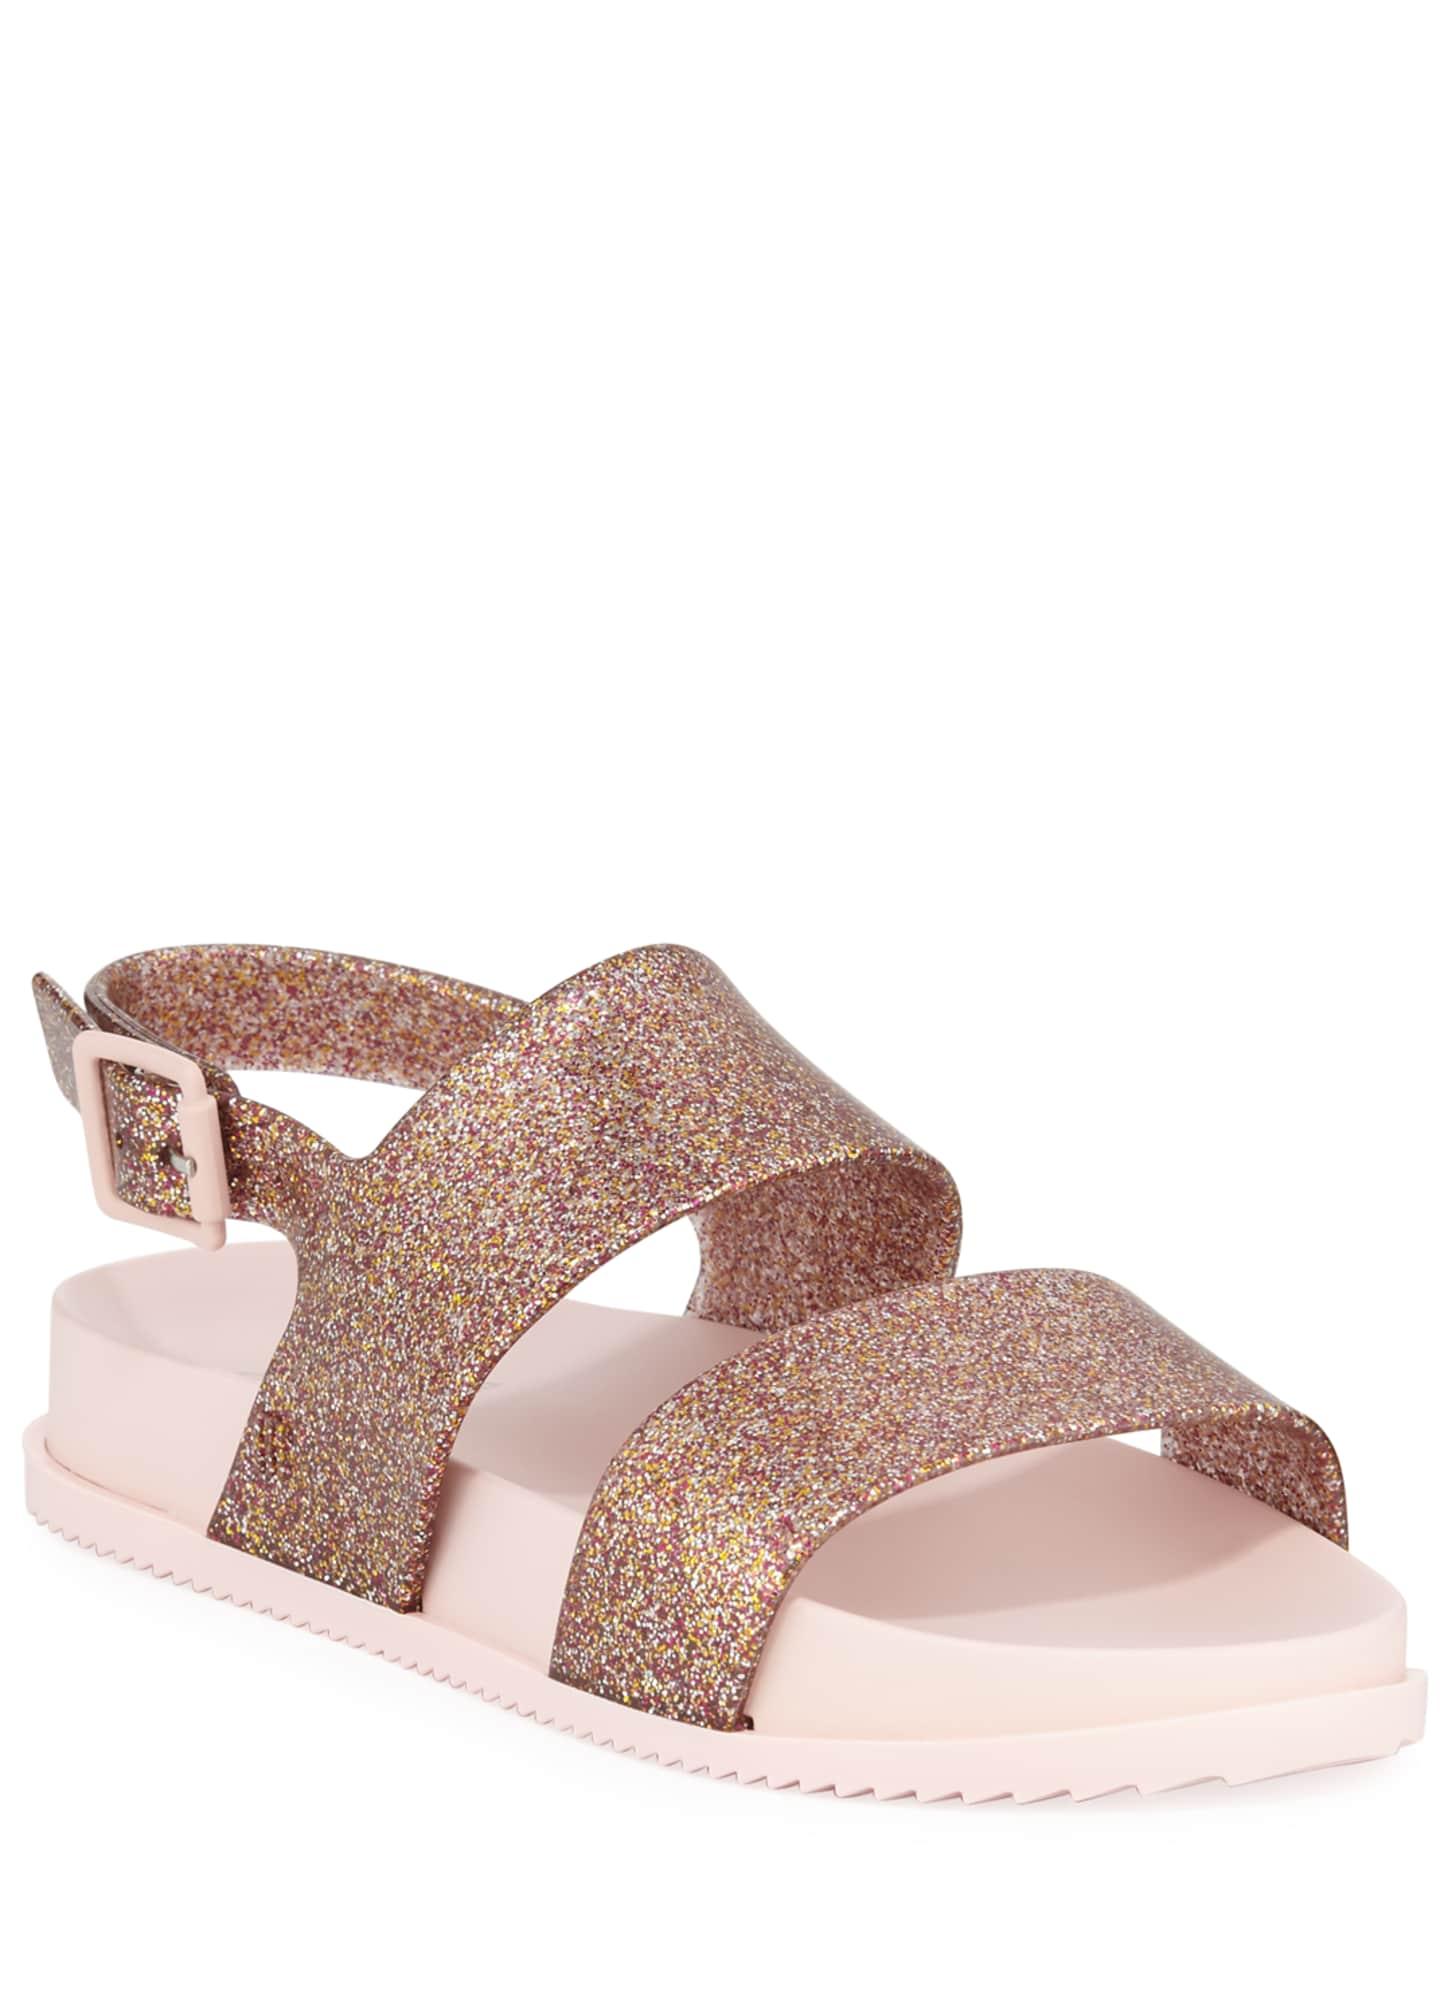 Mini Melissa Cosmic Glittered Sandal, Toddler/Kids